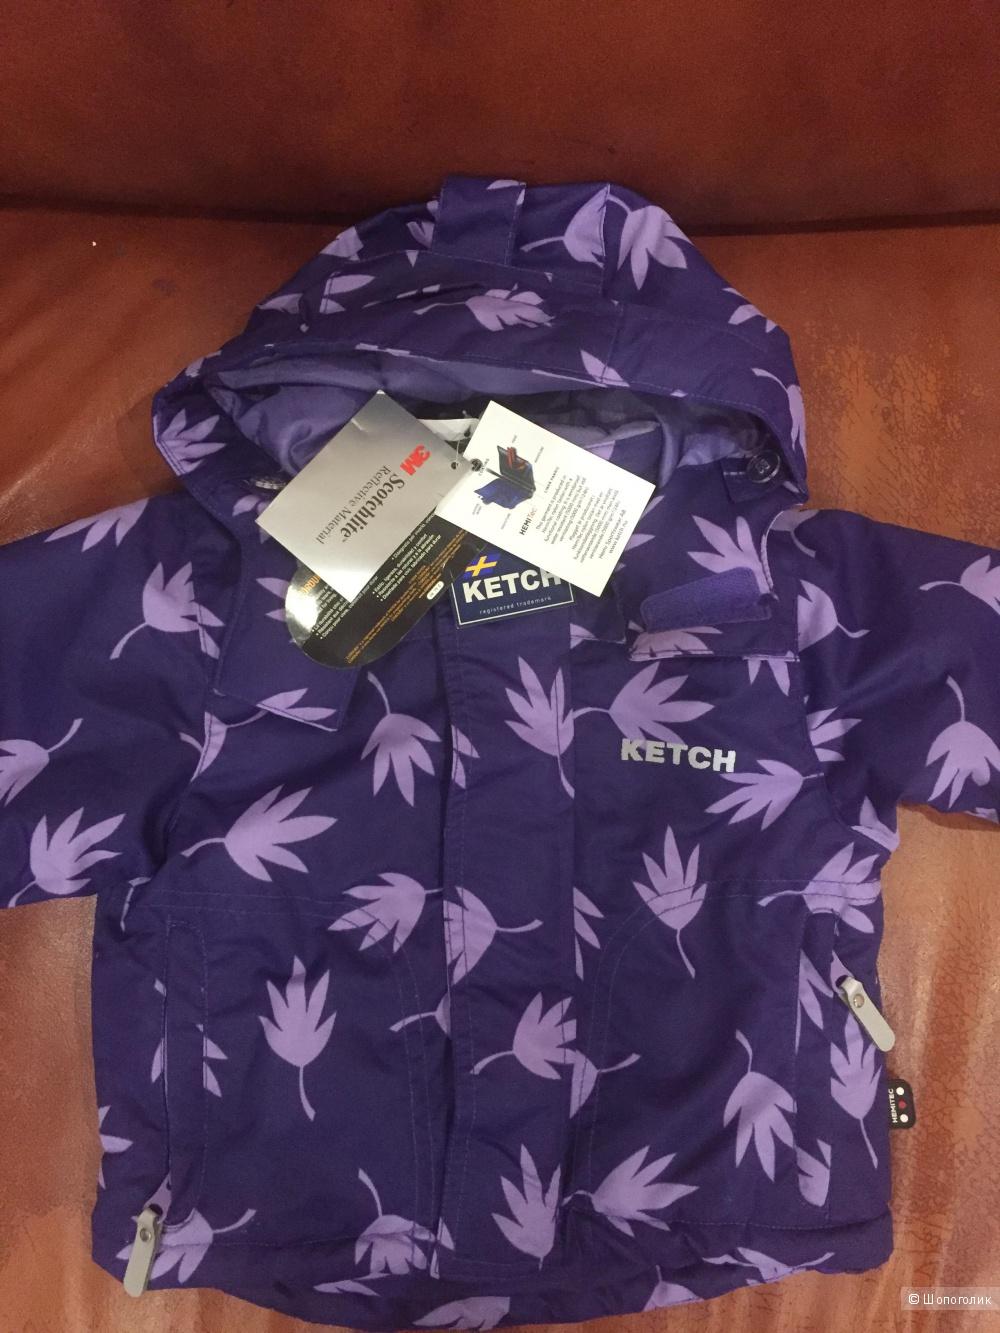 Ketch play новая мембранная курточка на девочку 92 размер